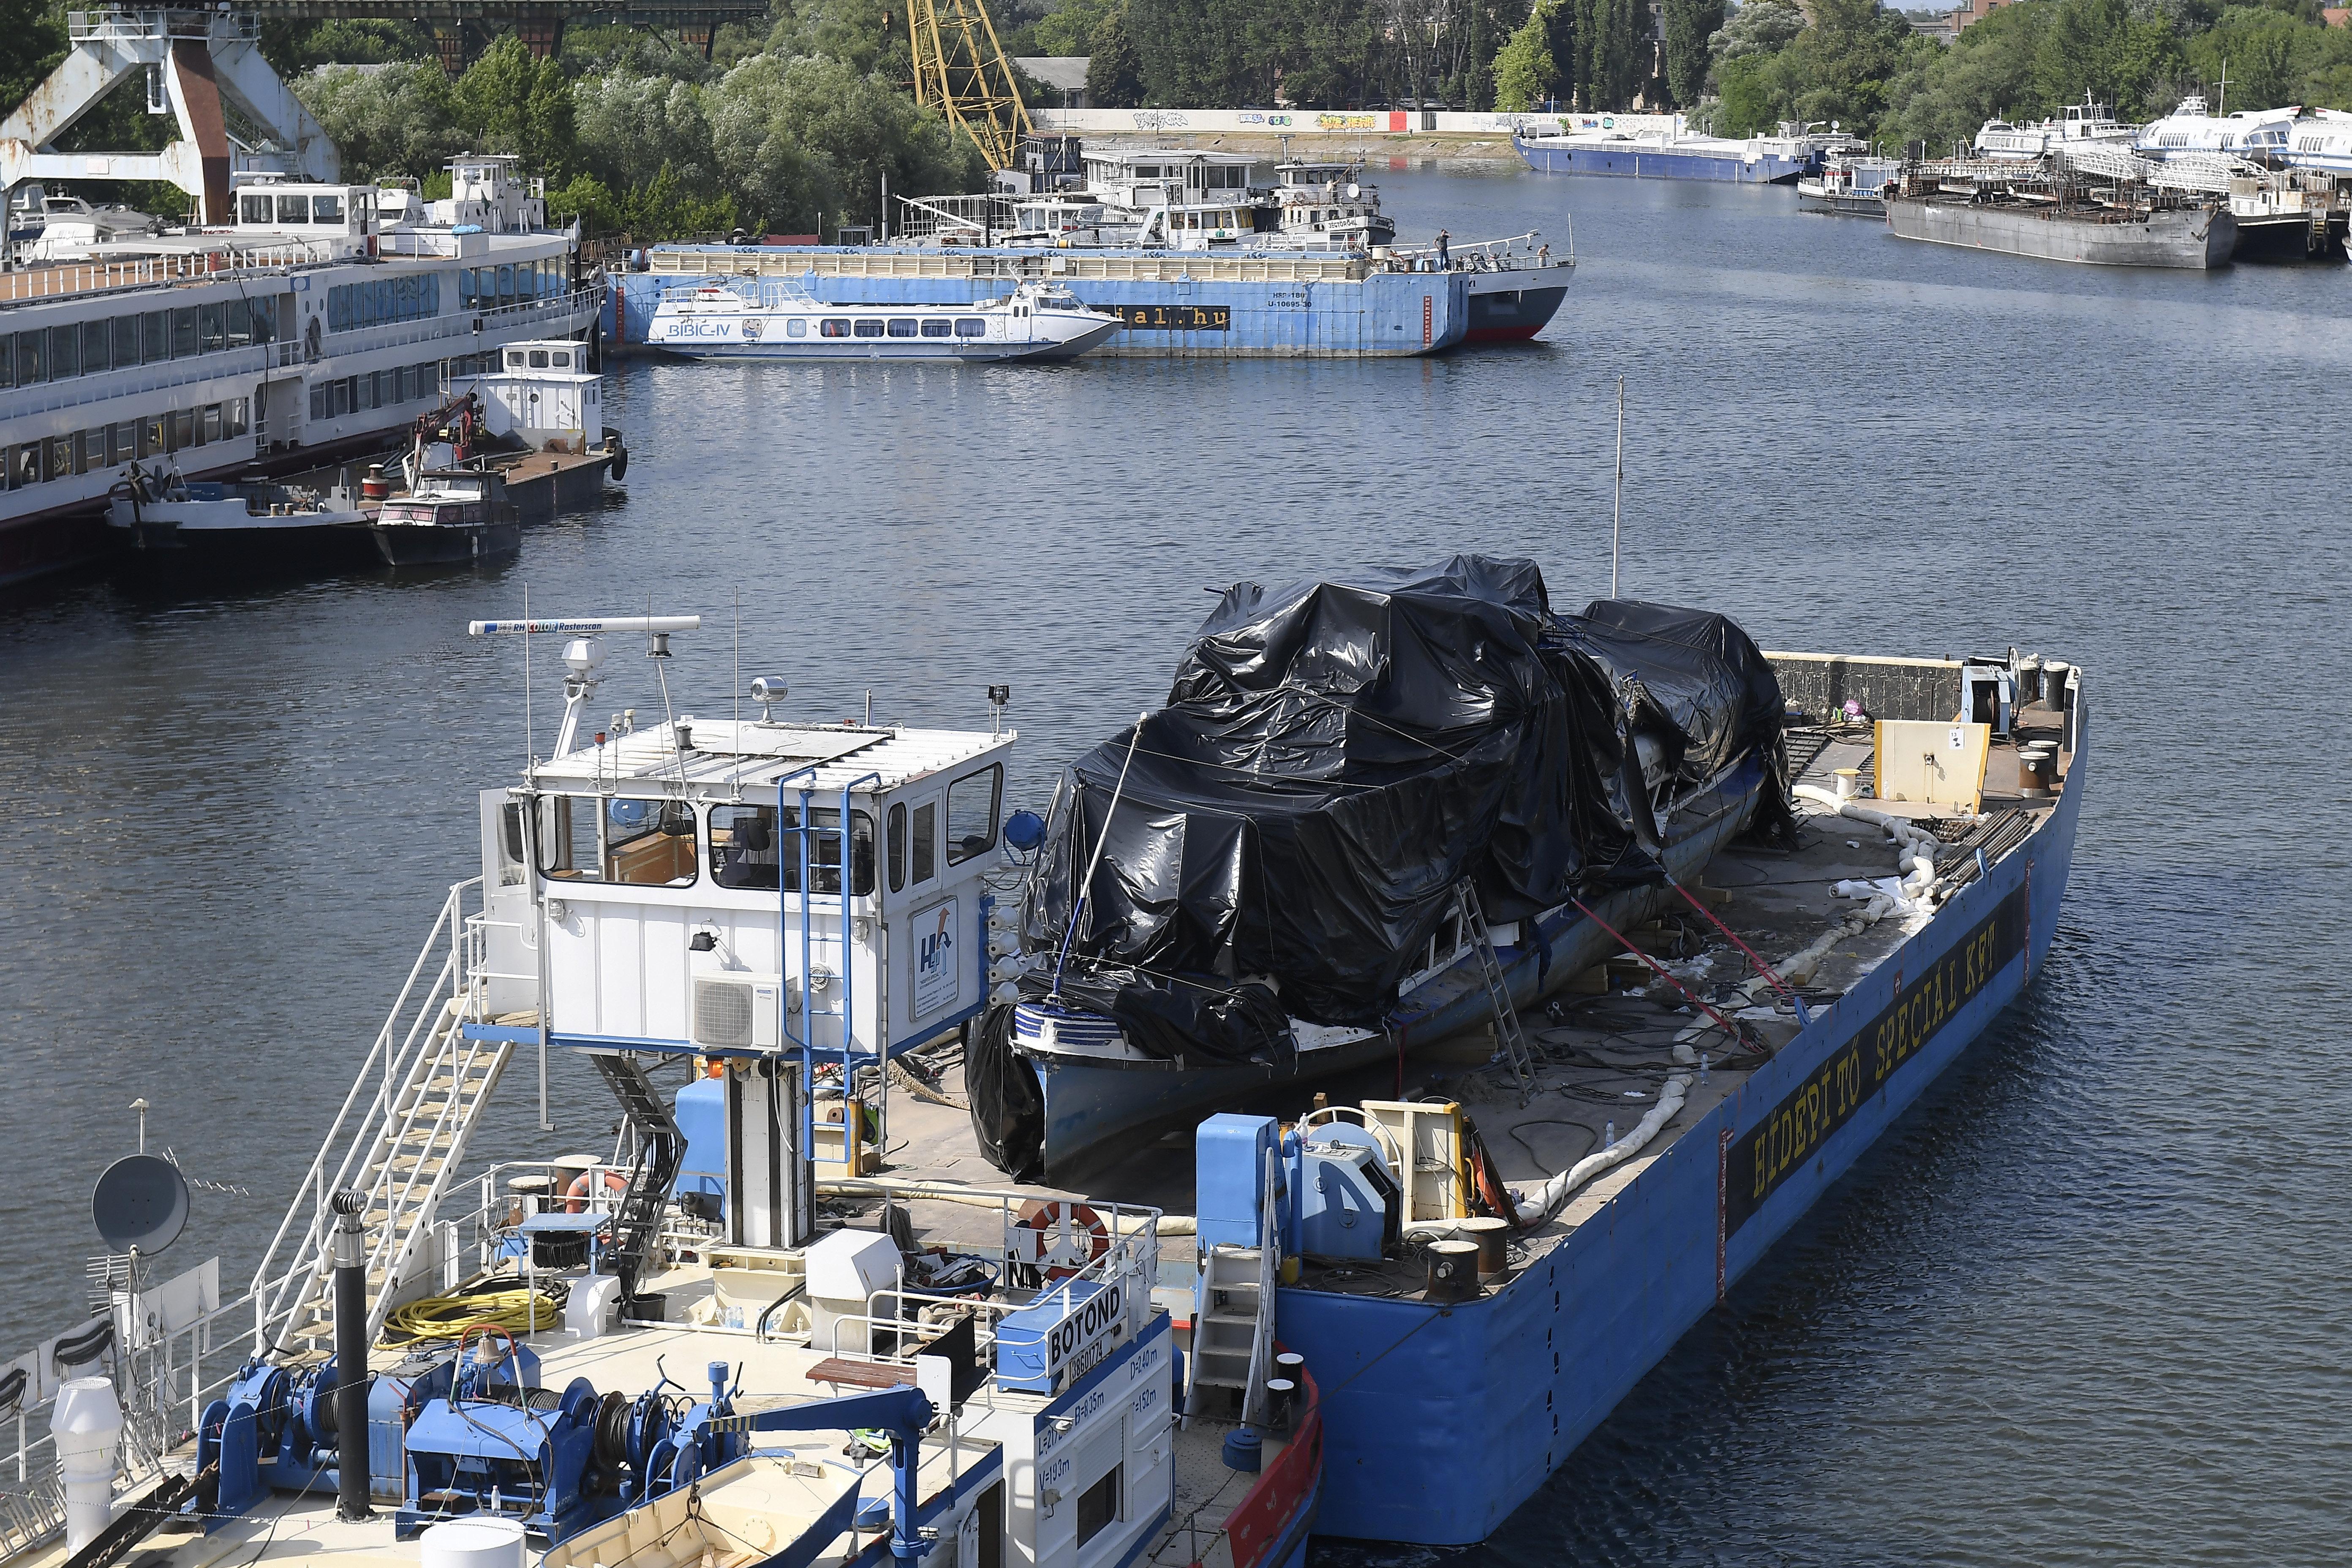 Egy újabb szállodahajó személyzetének felelősségét  vizsgálják a Hableány balesetével kapcsolatban